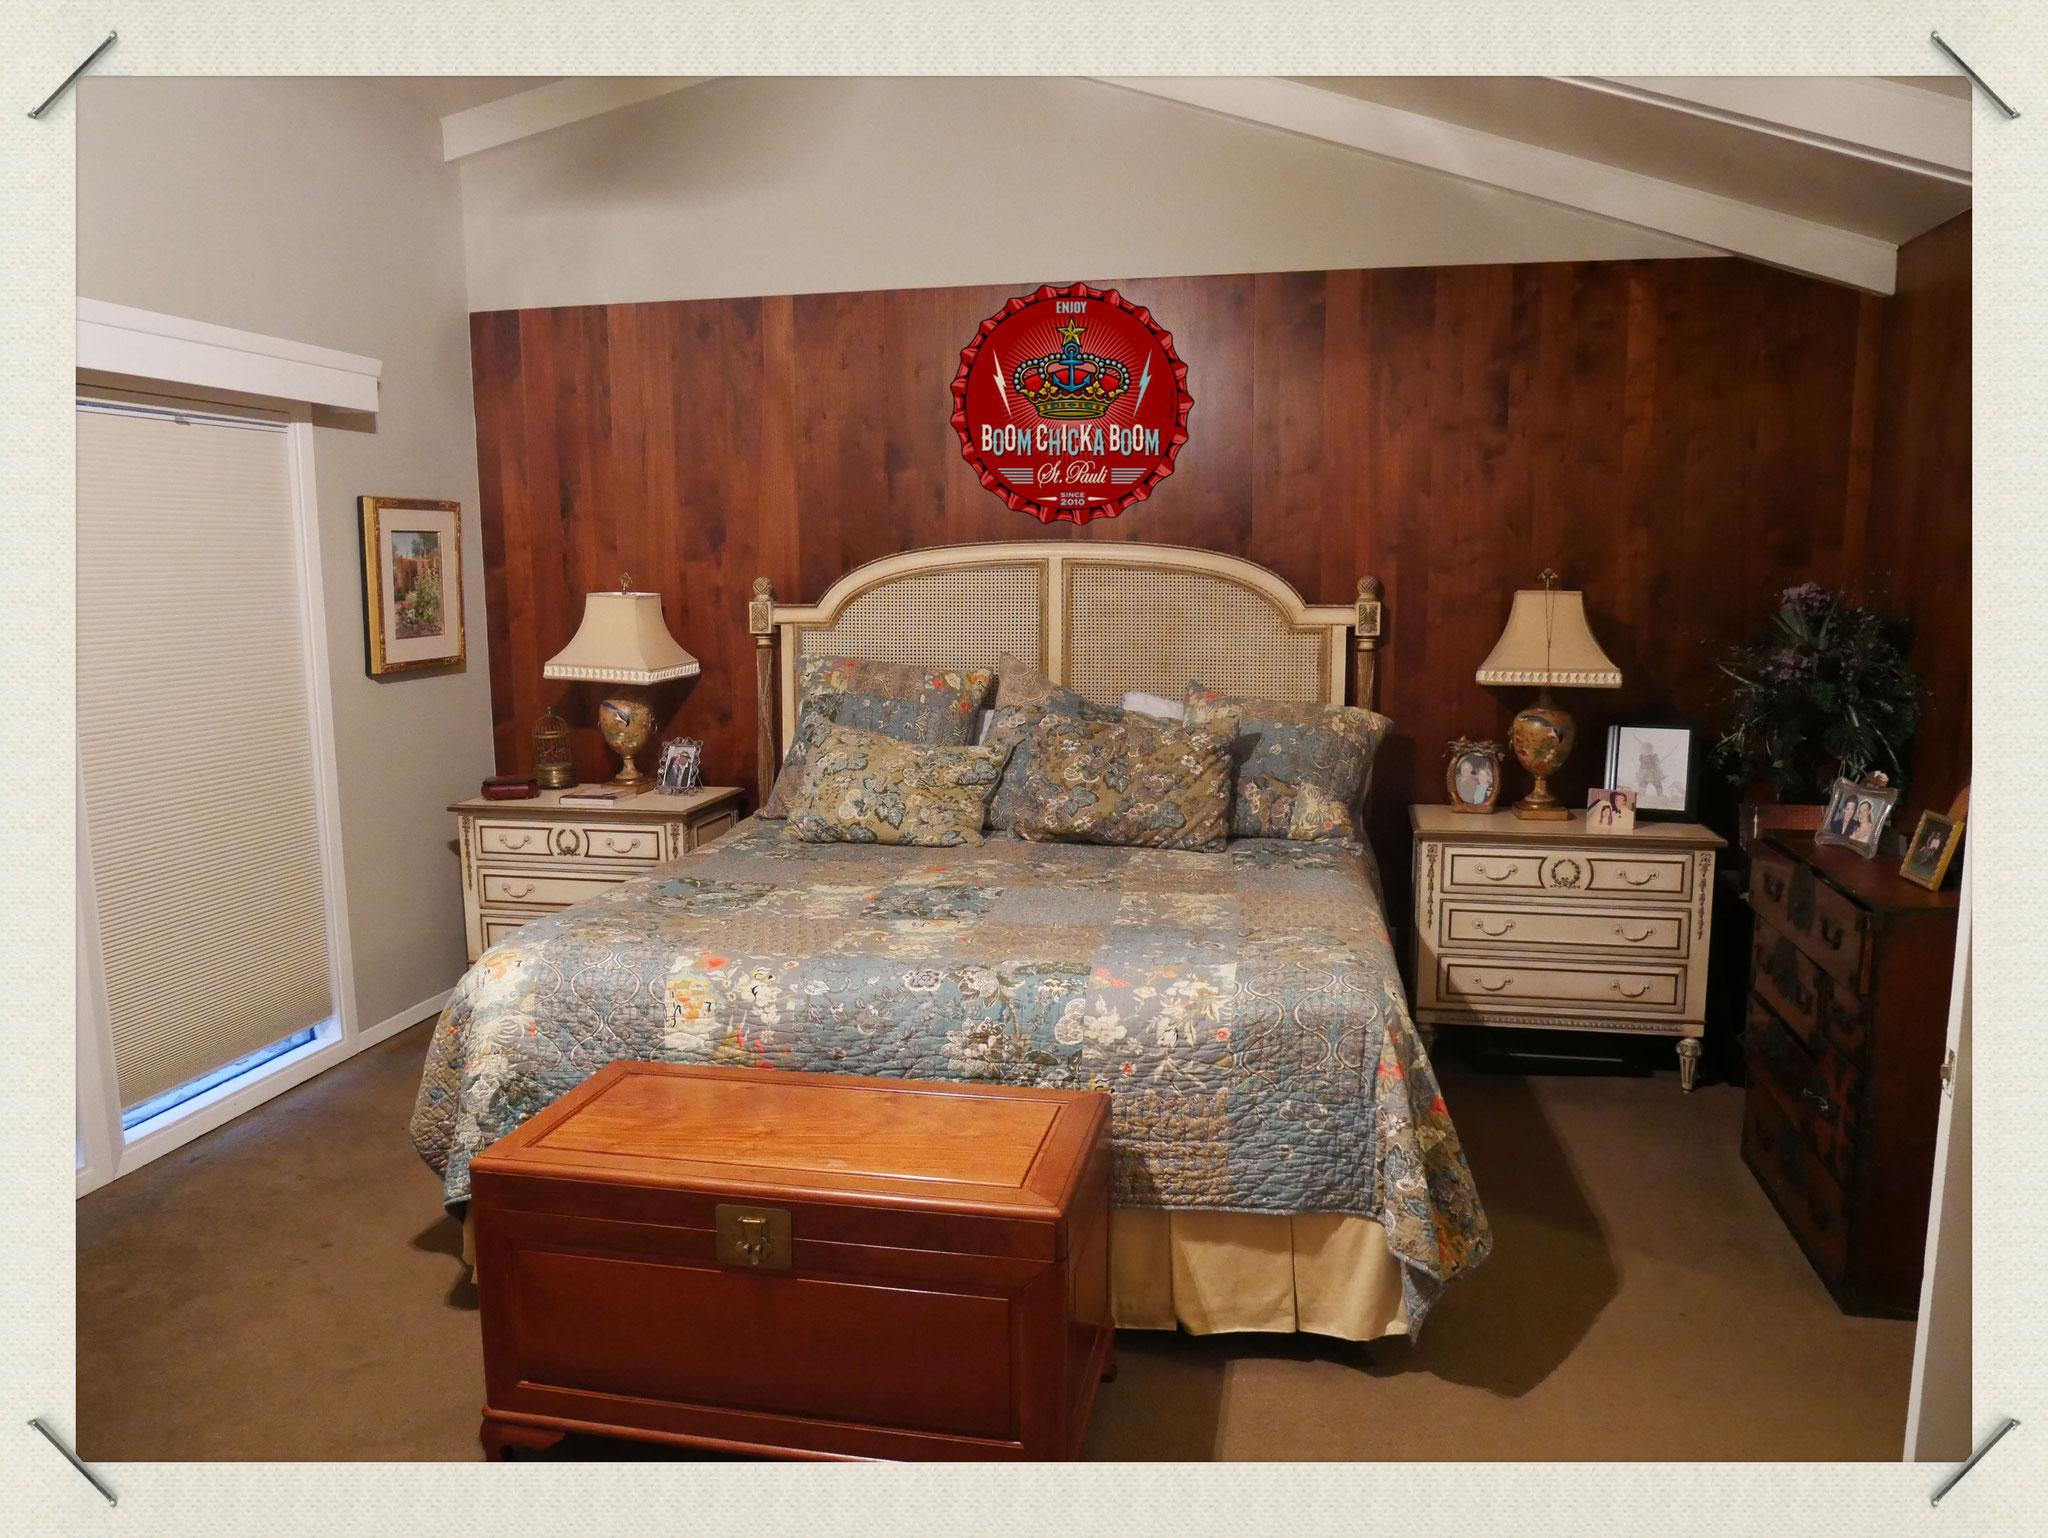 In diesem Bett lagen June und Johnny bis kurz vor ihrem Tode.